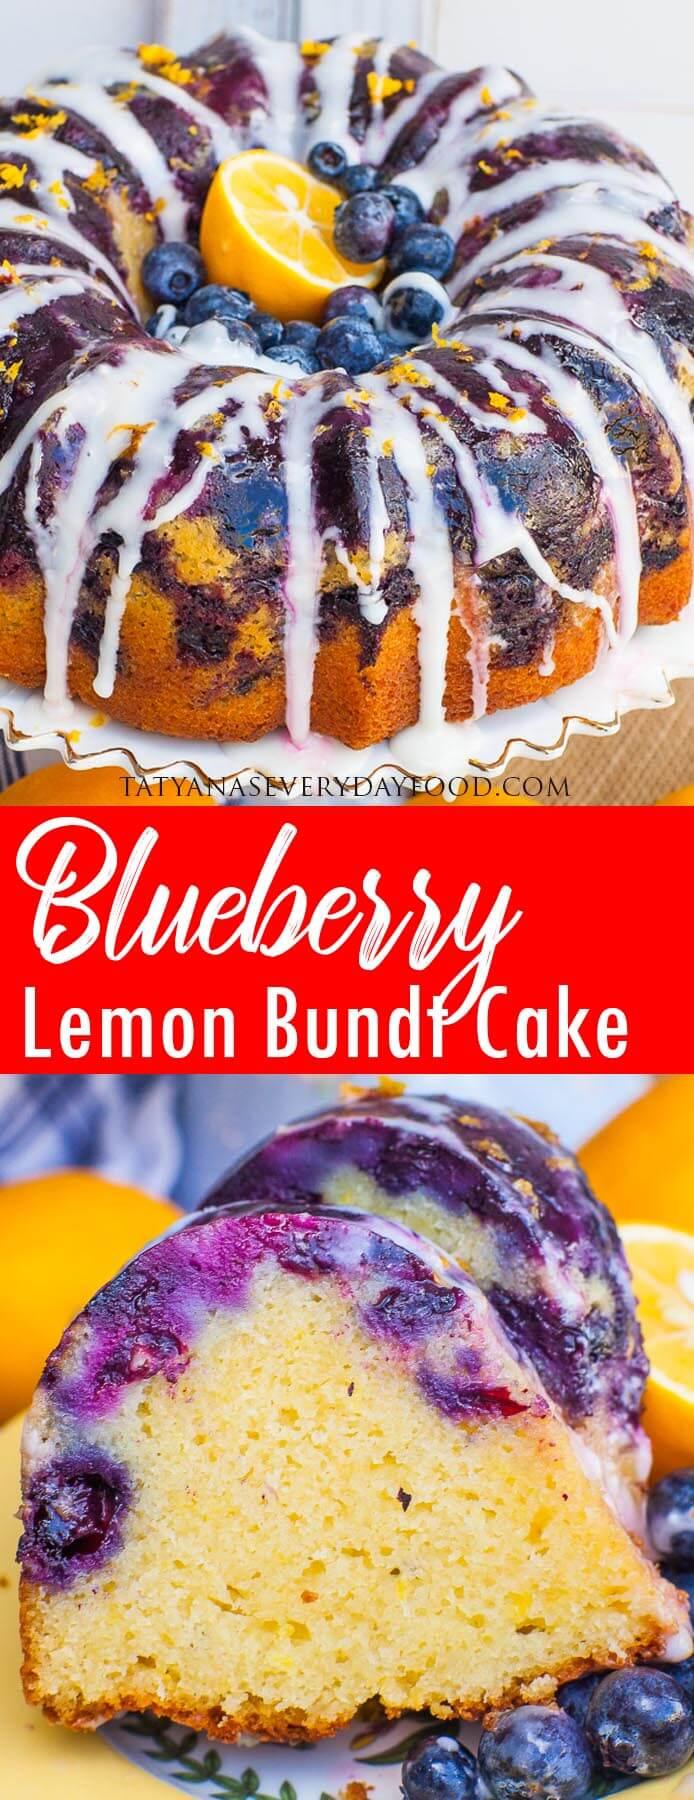 EASY Blueberry Lemon Bundt Cake video recipe